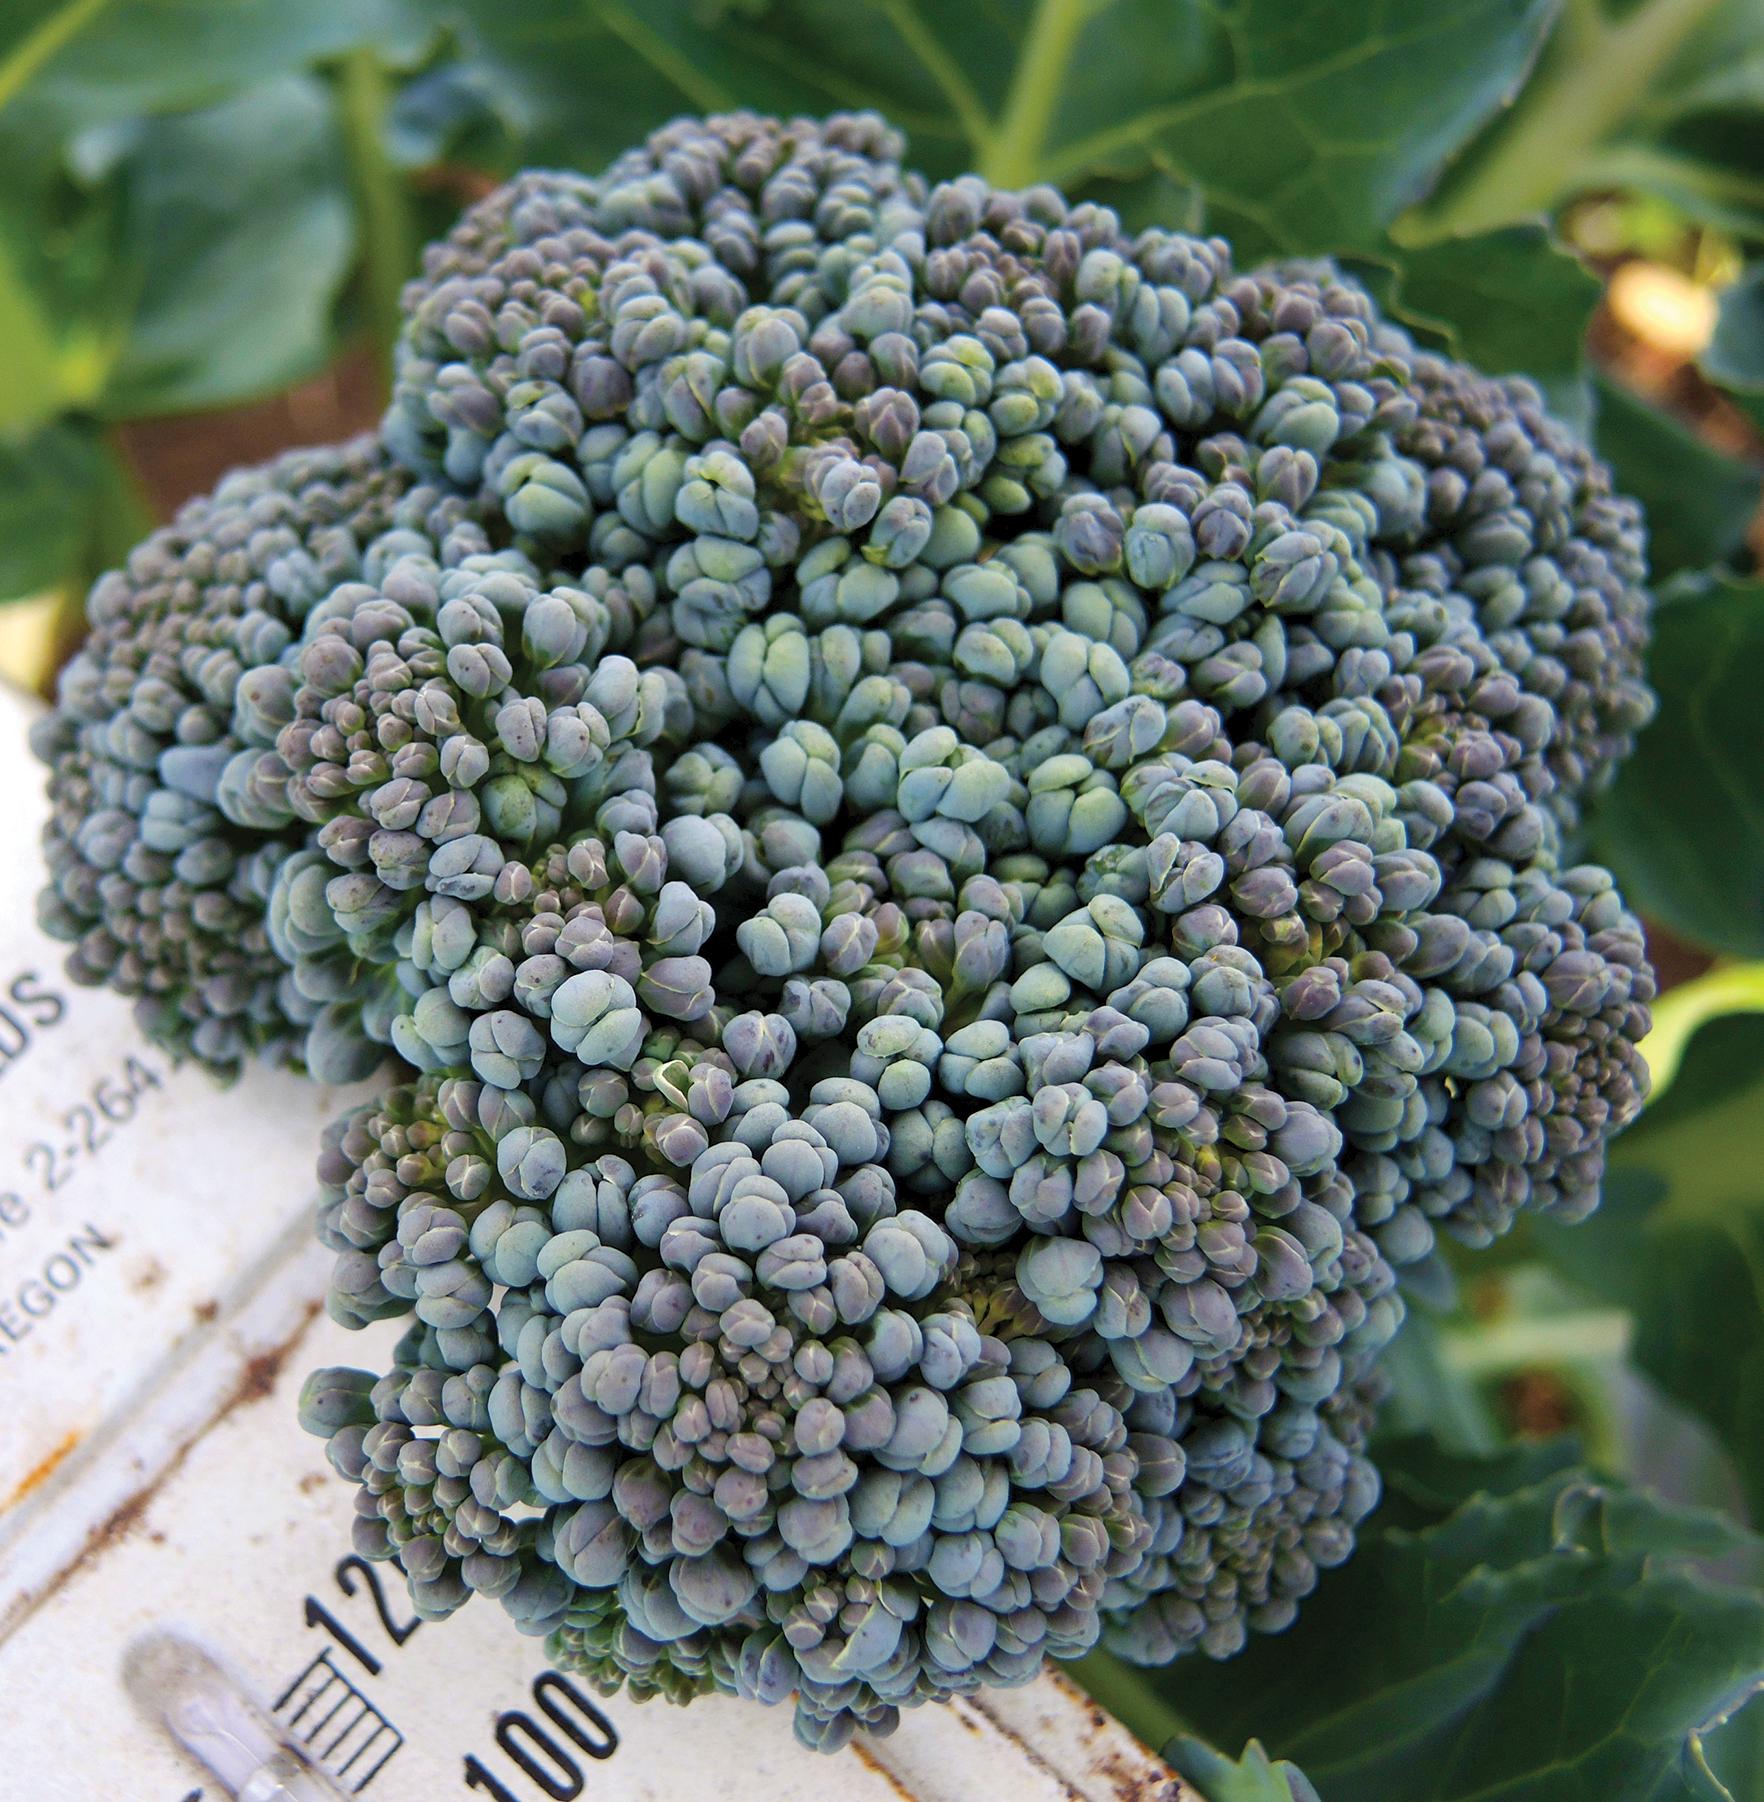 Umpqua broccoli